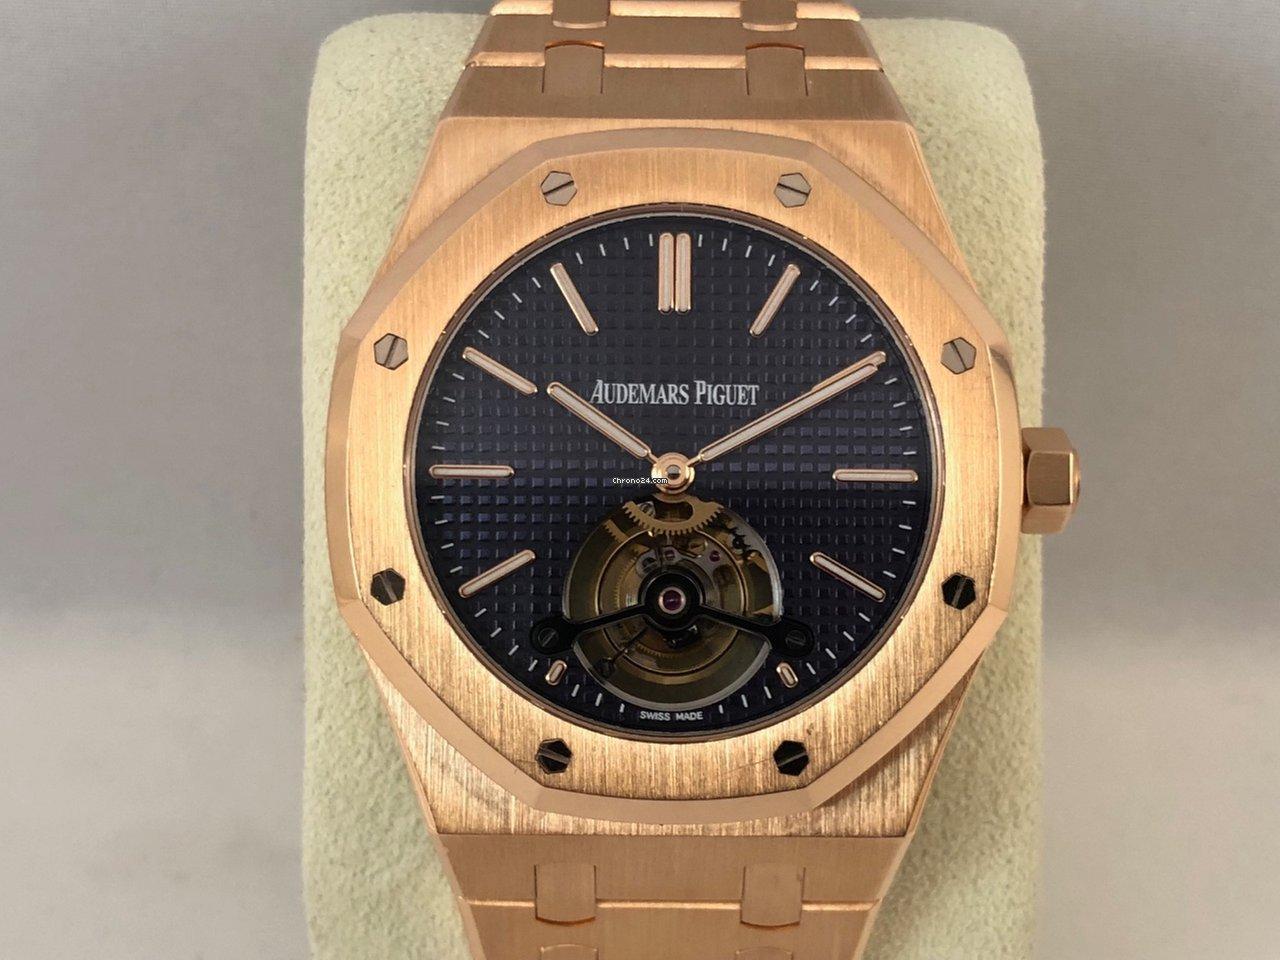 Spiksplinternieuw Audemars Piguet horloges - Alle prijzen voor Audemars Piguet ZI-04